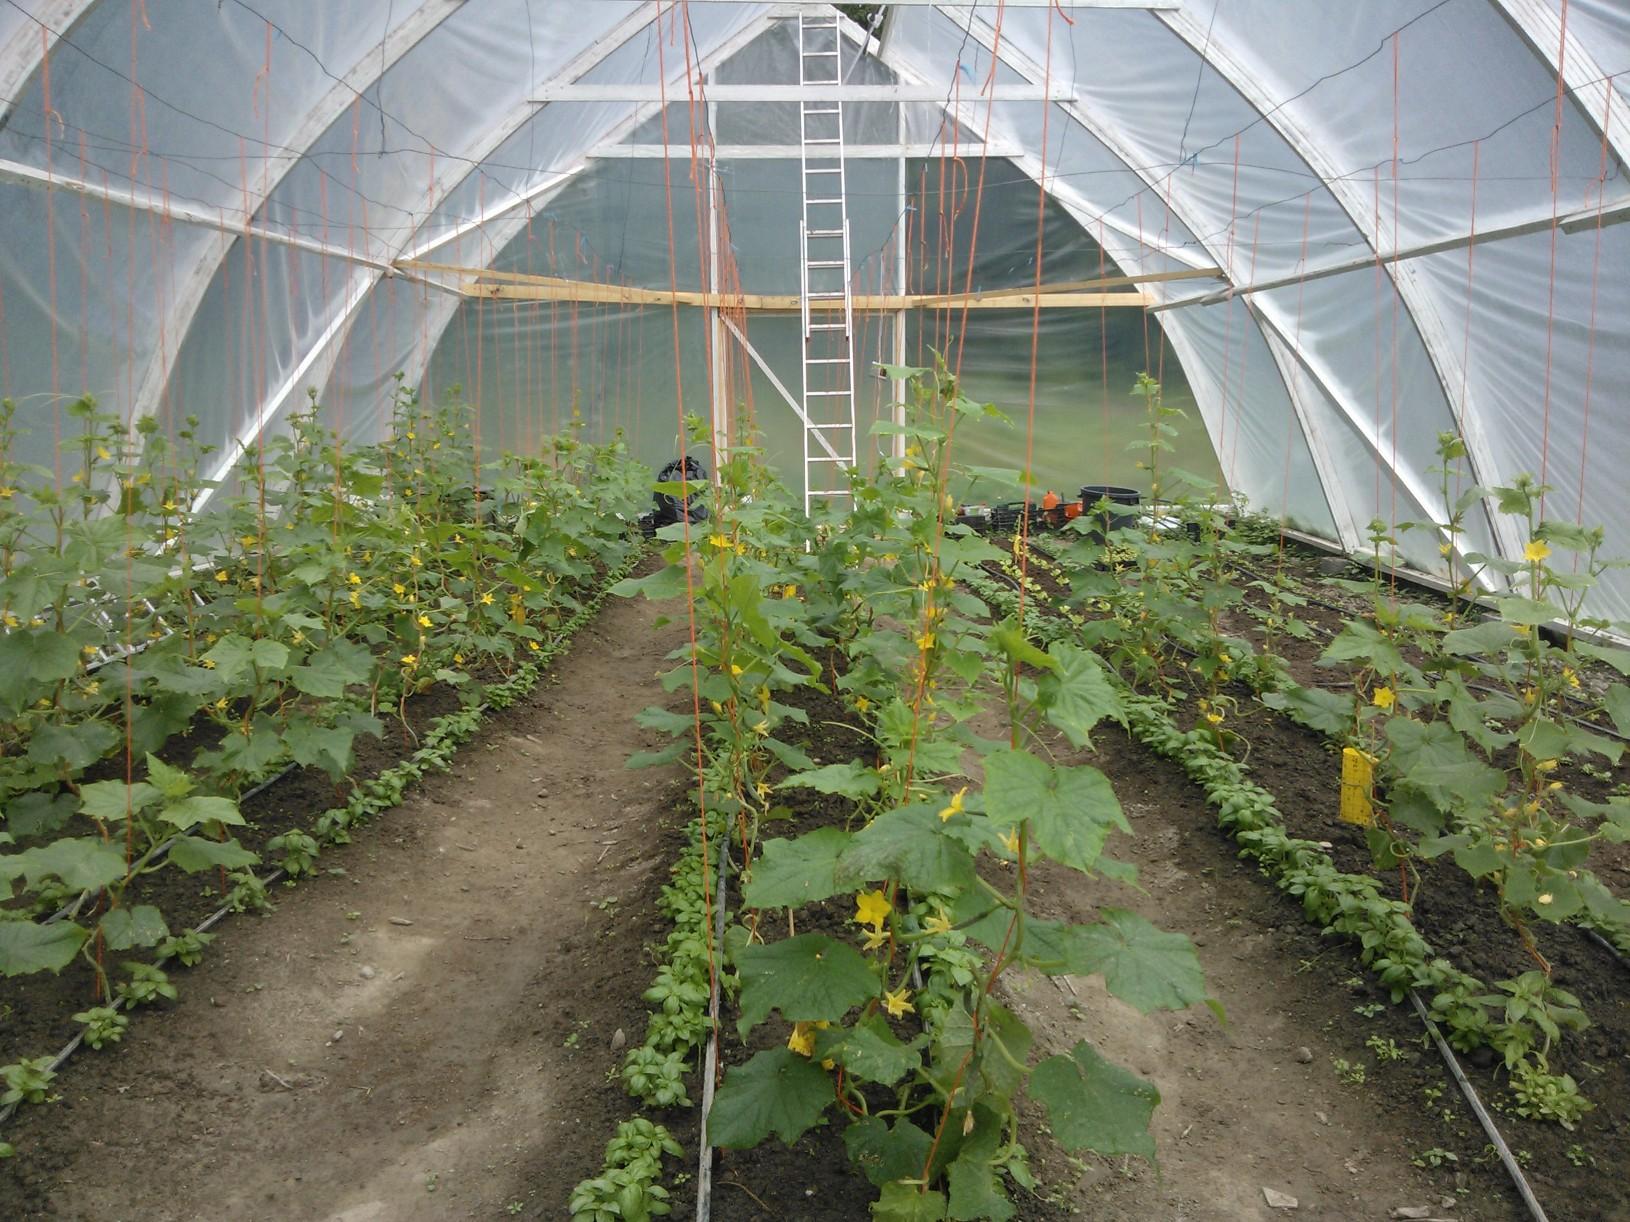 Omat kurkut, basilikat ja salaatit kasvavat nyt kasvihuoneessa